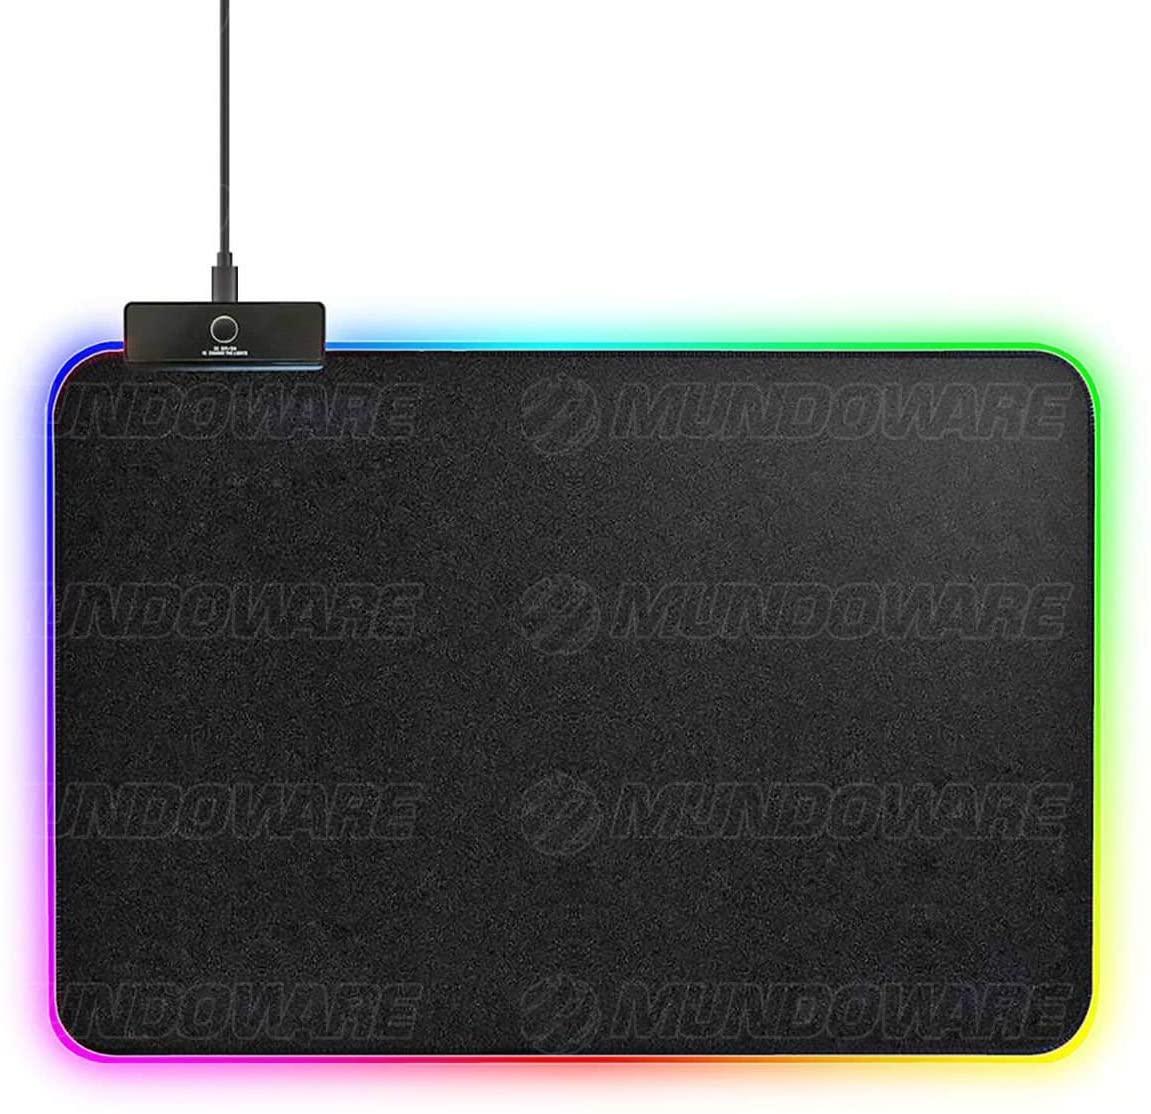 Mouse Pad Gamer com Borda de LED 350x250x3mm 14 Modos Espectro Backlighting em 7 Cores USB Power MS-WT-5